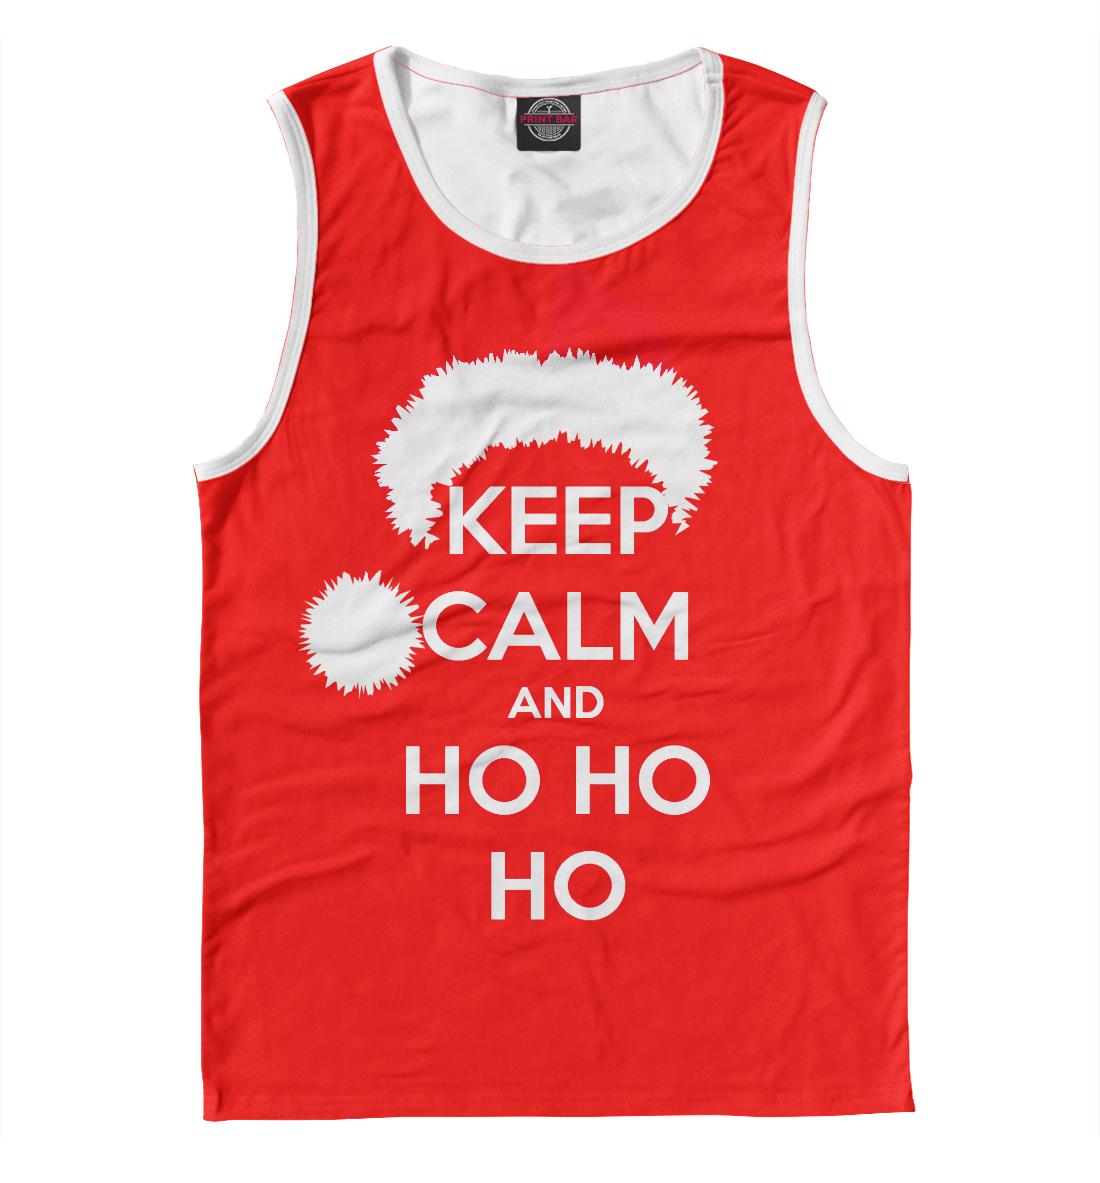 Keep calm and ho ho ho майка борцовка print bar keep calm and get your ho ho ho on